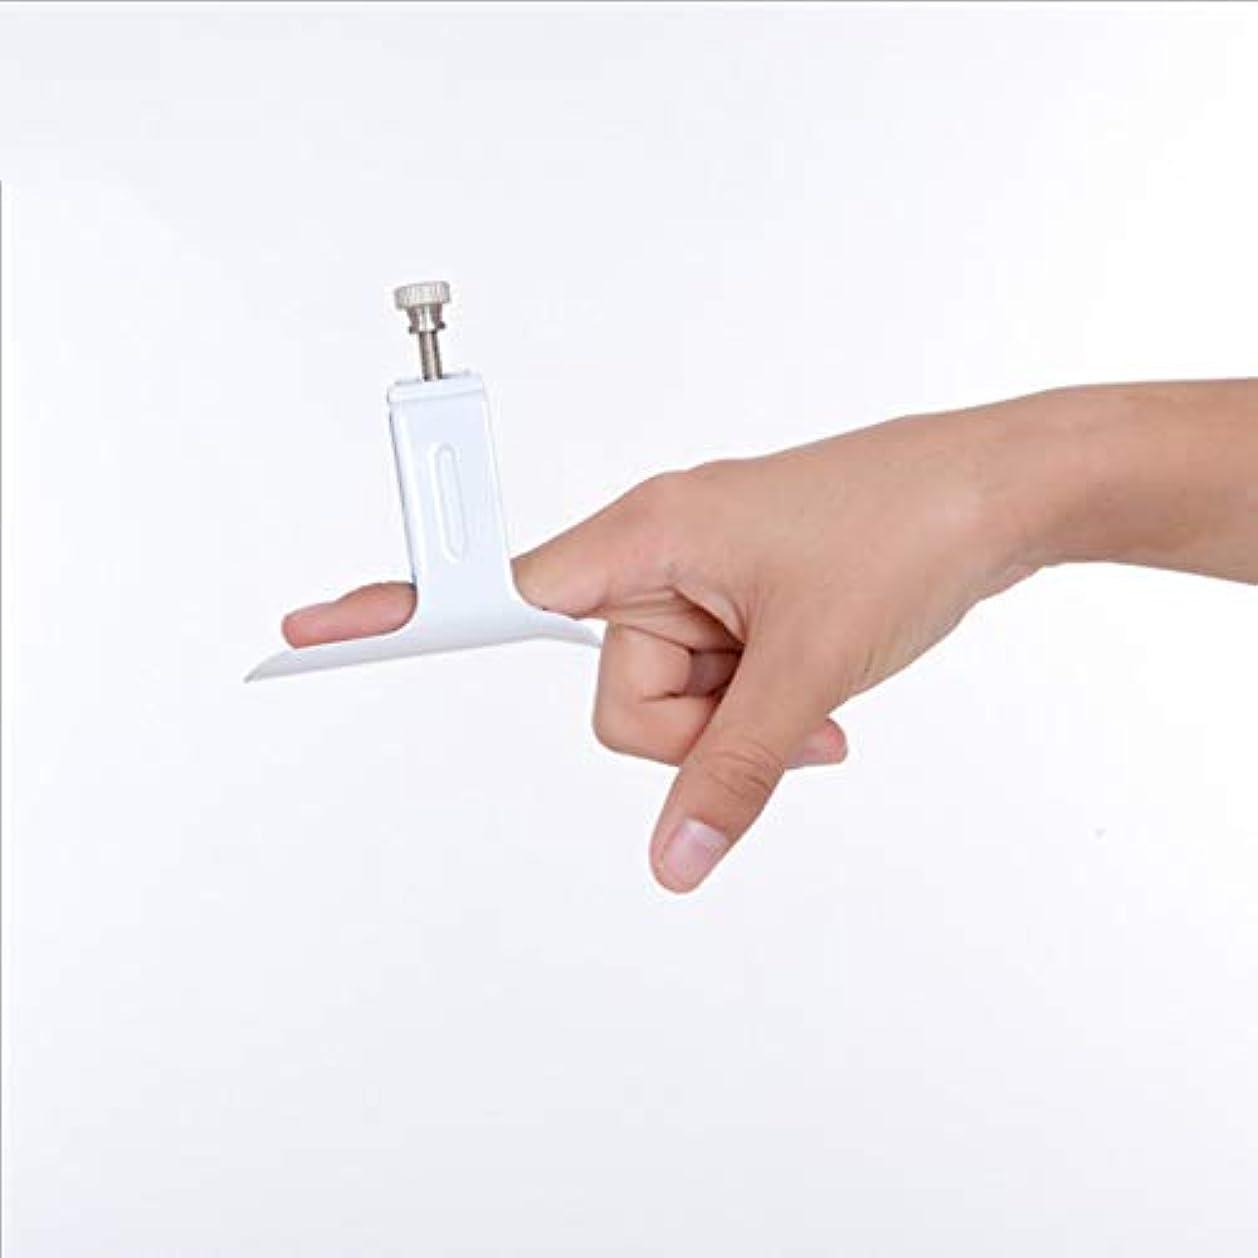 こねる知性バット指の延長副木、手指の傷害のホールダーの副木矯正器指の拡張指の固定固定されたリハビリテーションの苦痛救助用具の援助